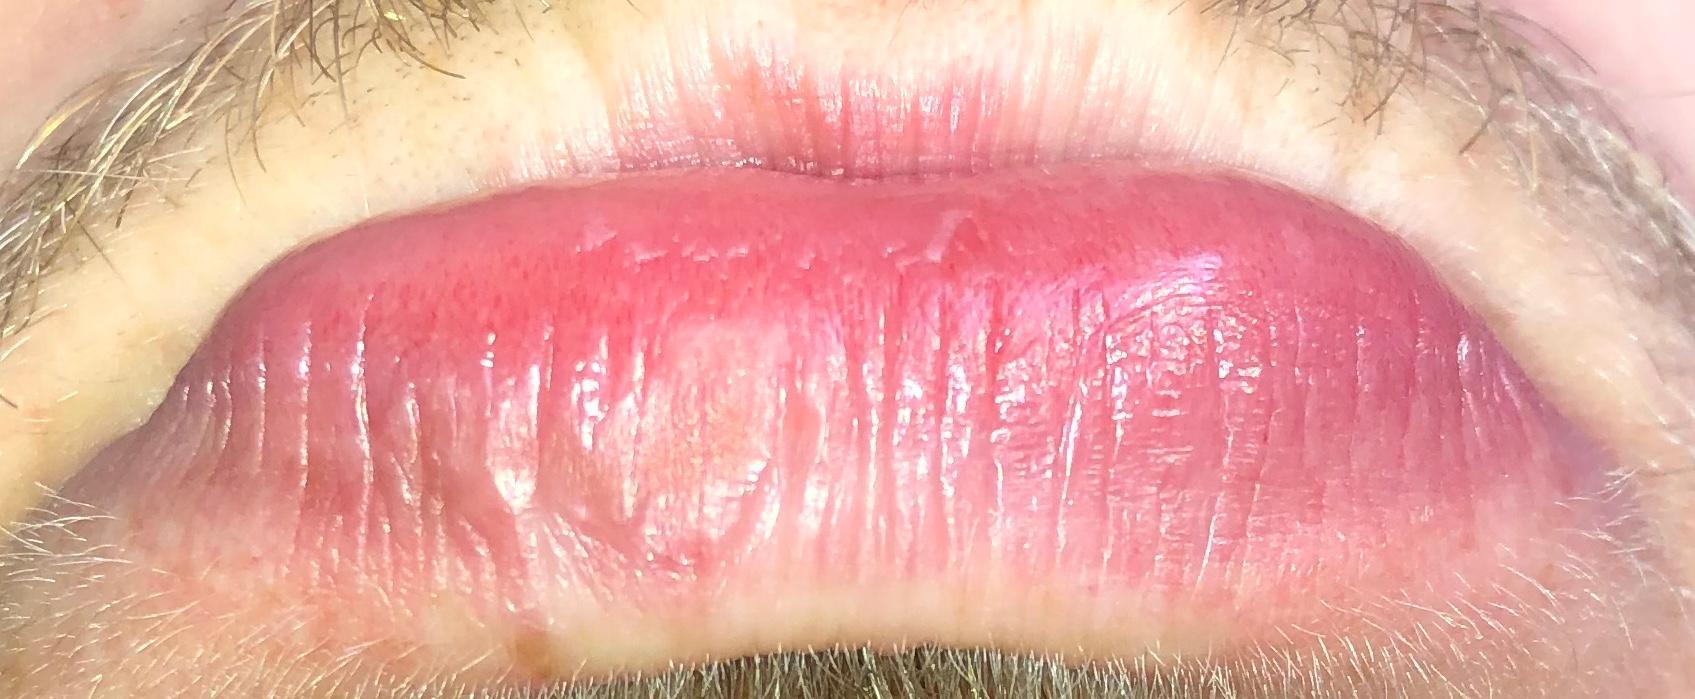 Braune Stelle an der Lippe? (Gesundheit)